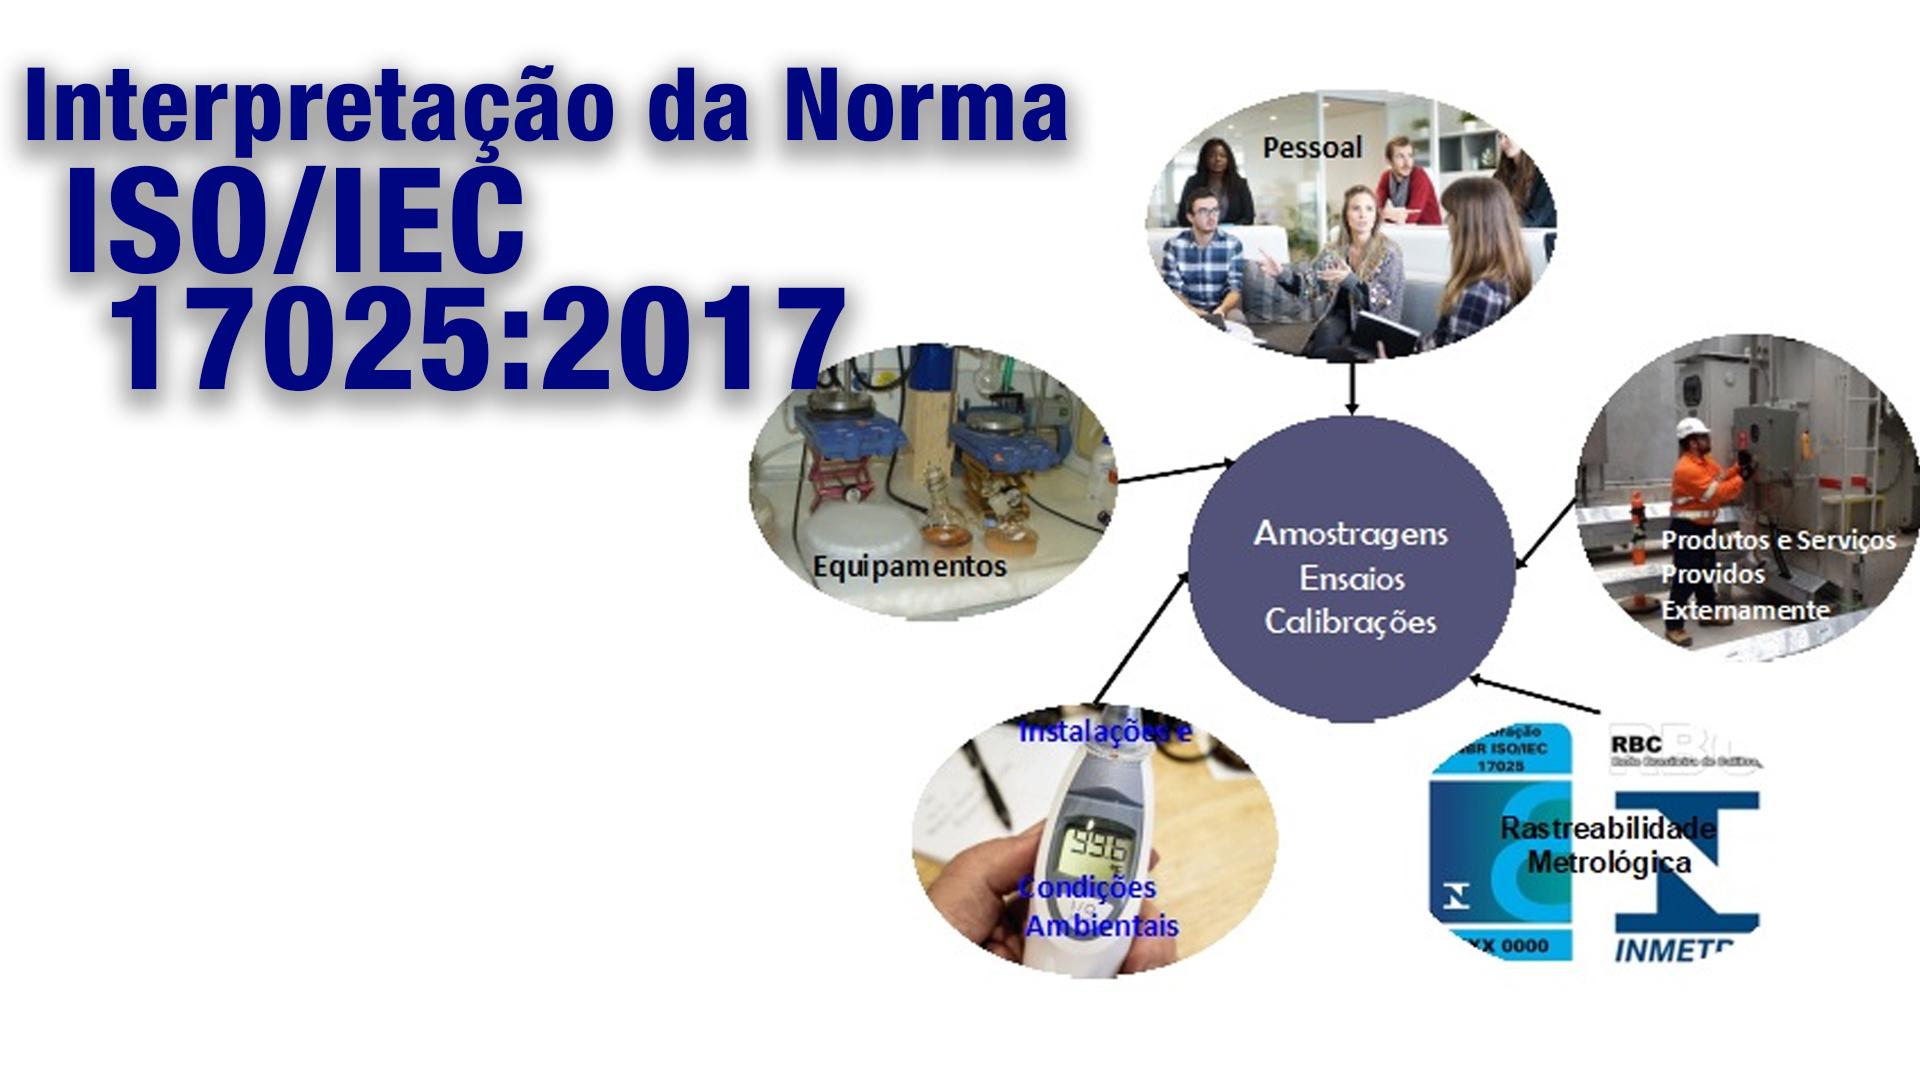 Interpretação da Norma ISO/IEC 17025:2017